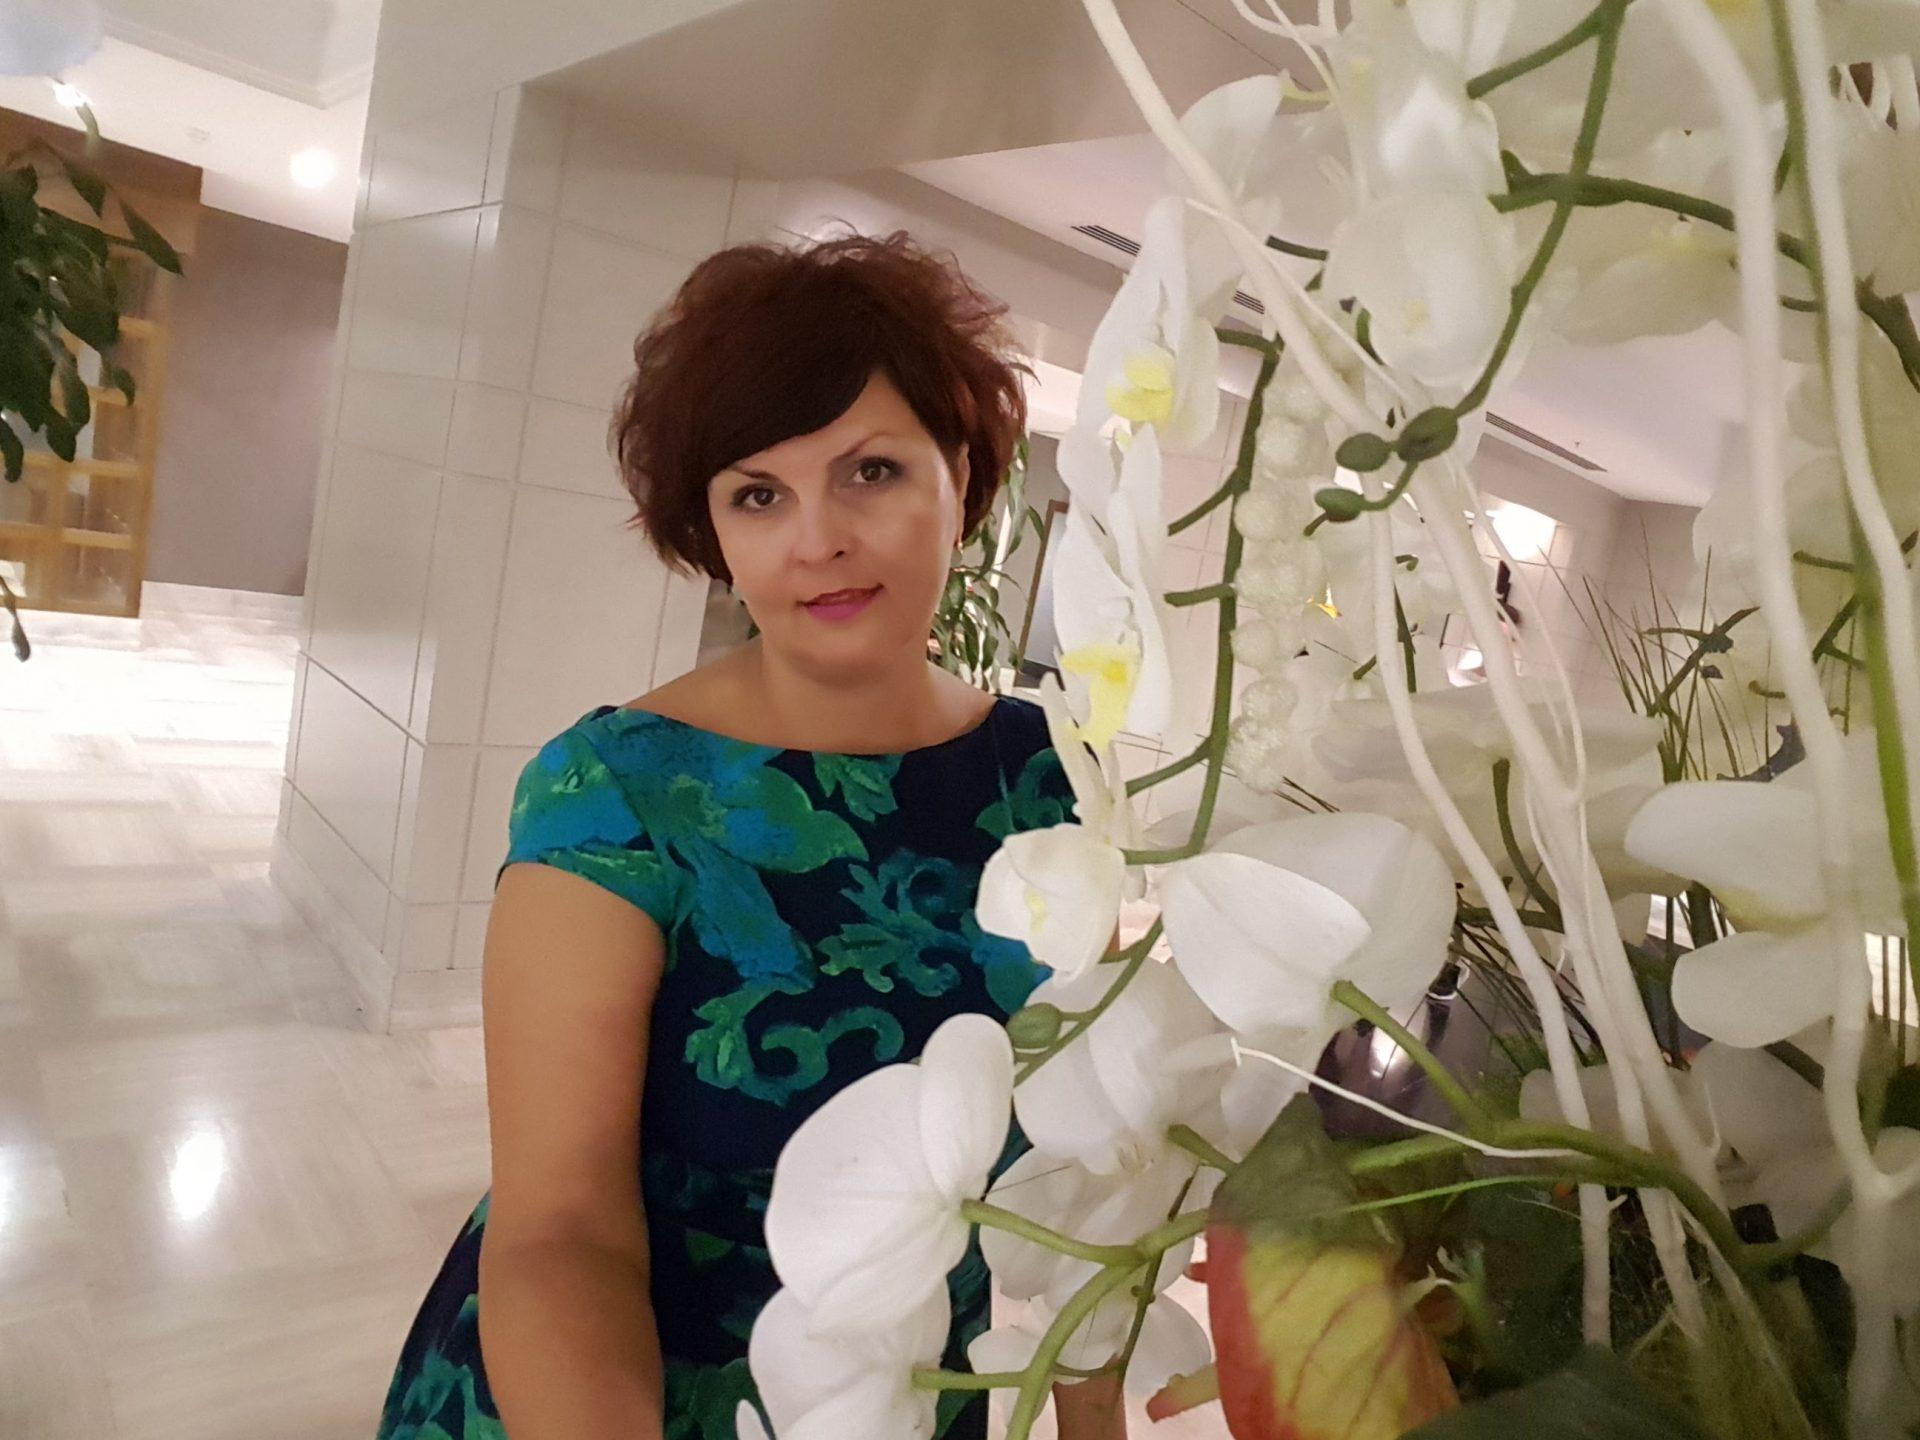 """Светлана Якубовска, член правления в дистрибьютерской компании """"Cosmetic Distribution"""" 38"""